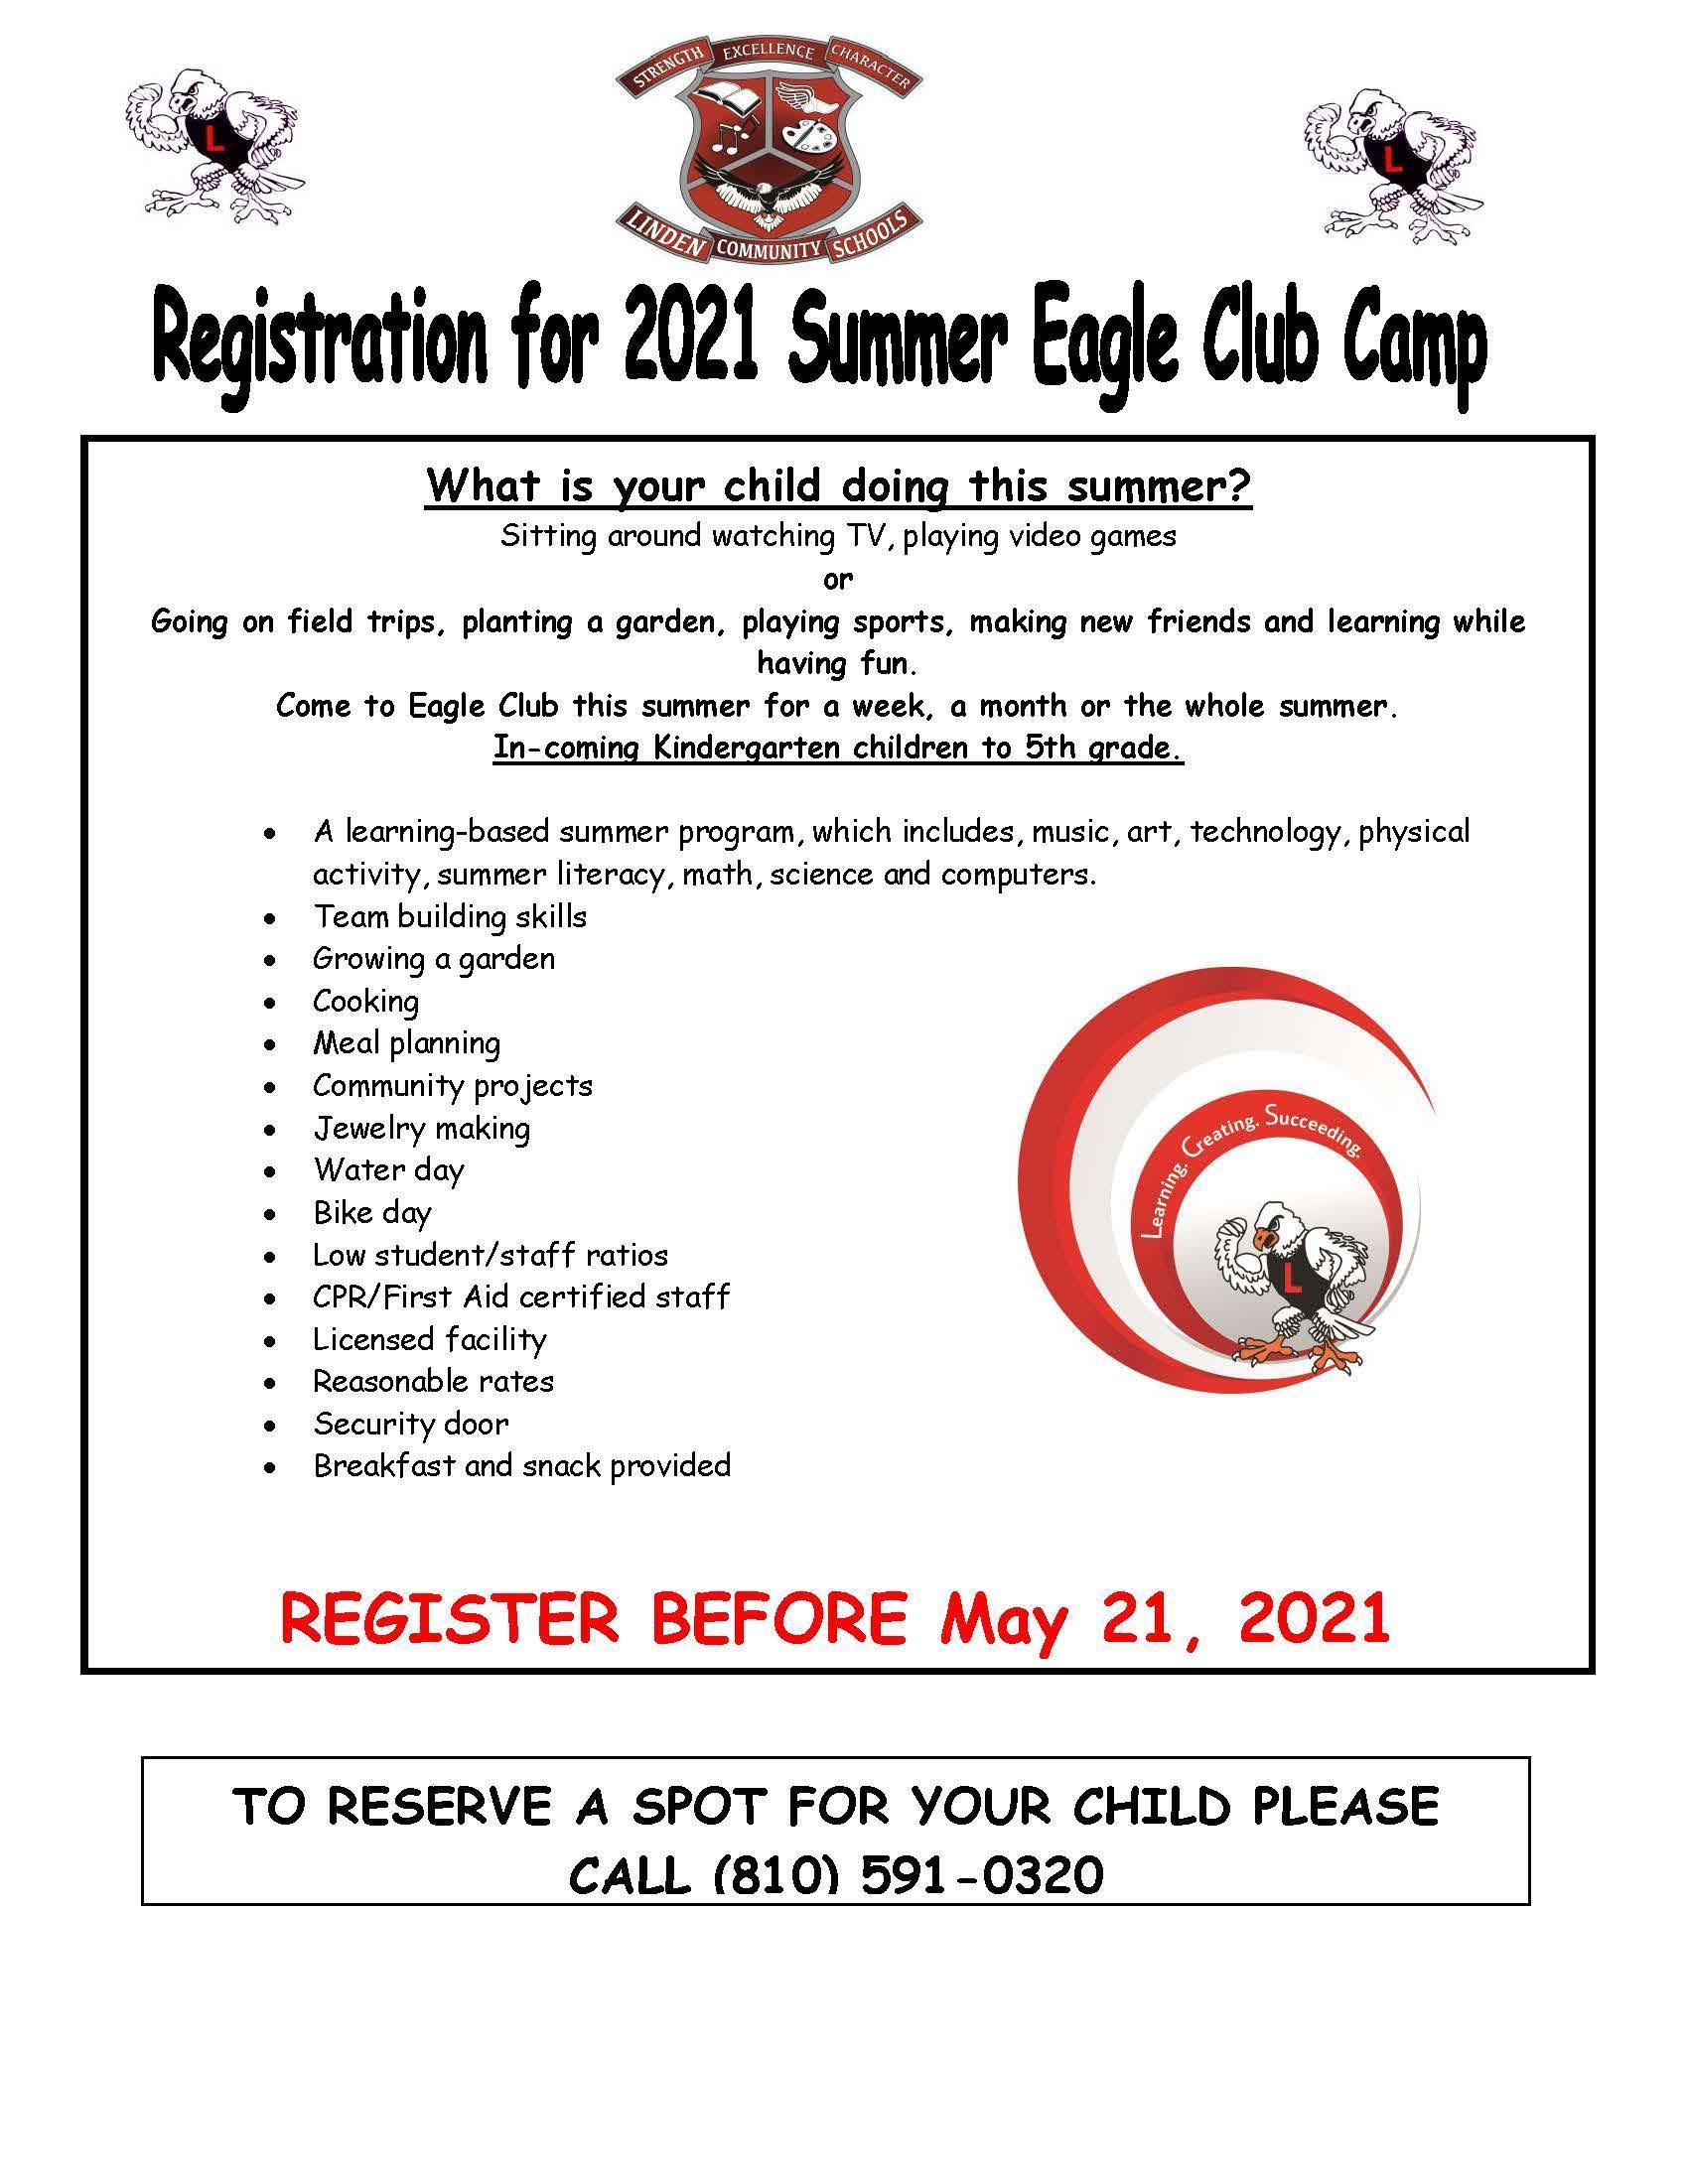 2021 Summer Eagle Club